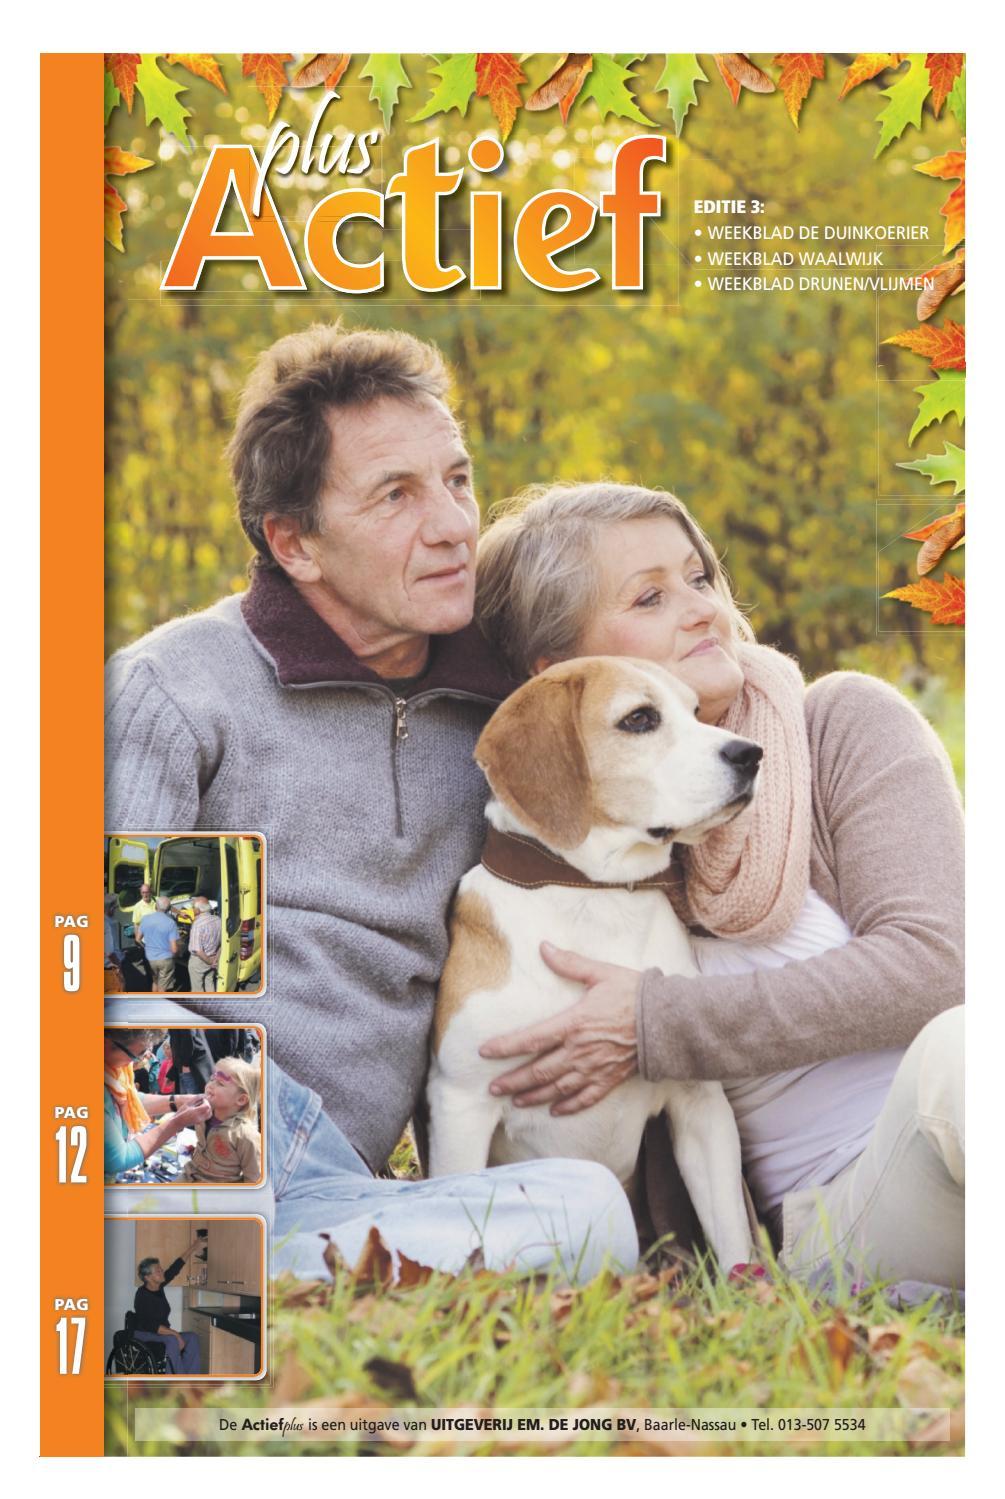 Actief Plus Ed. 3 09-11-2016 by Uitgeverij Em de Jong - issuu